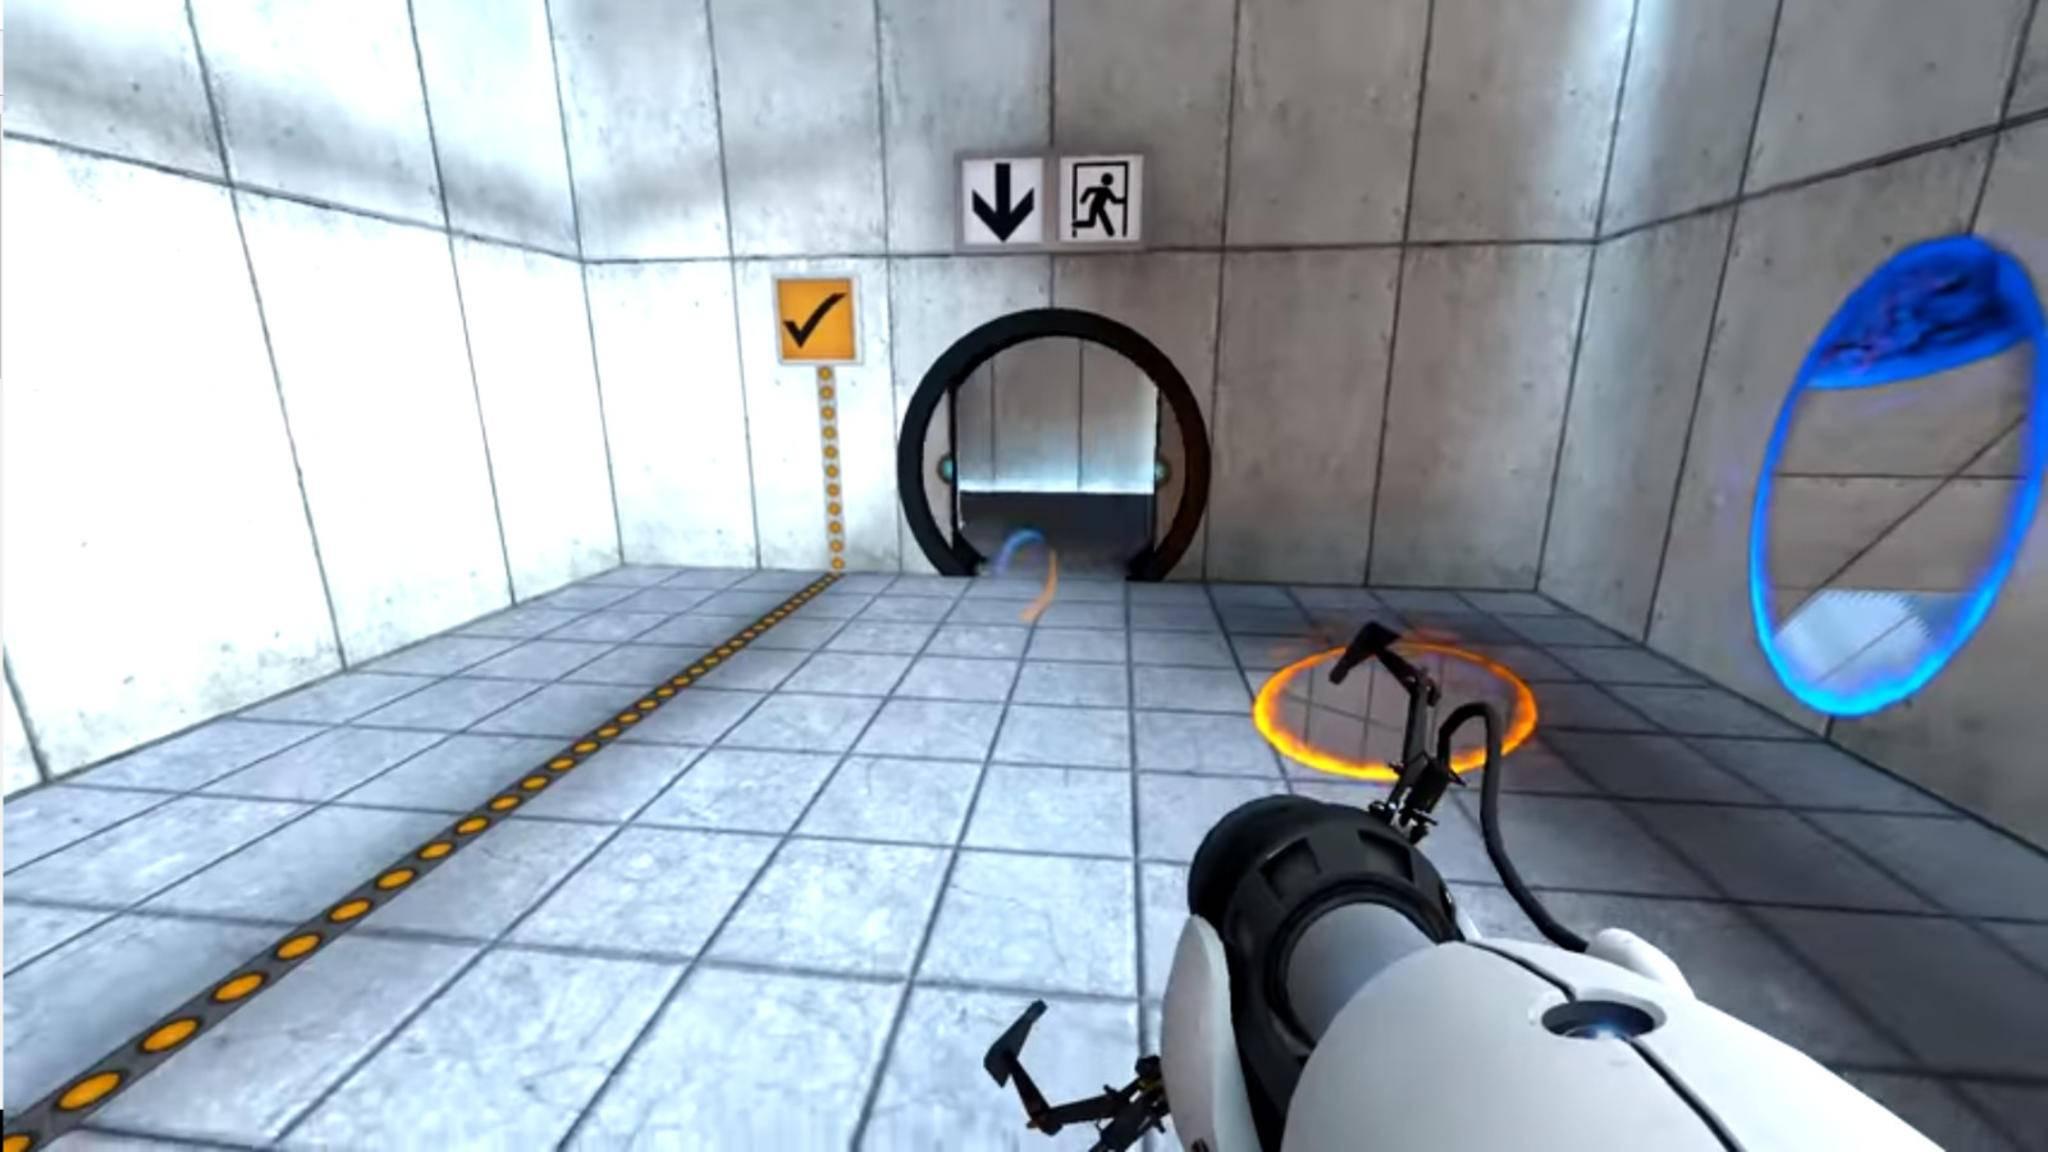 """Und hopp! Valve wollte statt """"Half-Life: Alyx"""" eigentlich ein """"Portal""""-VR-Spiel entwickeln."""